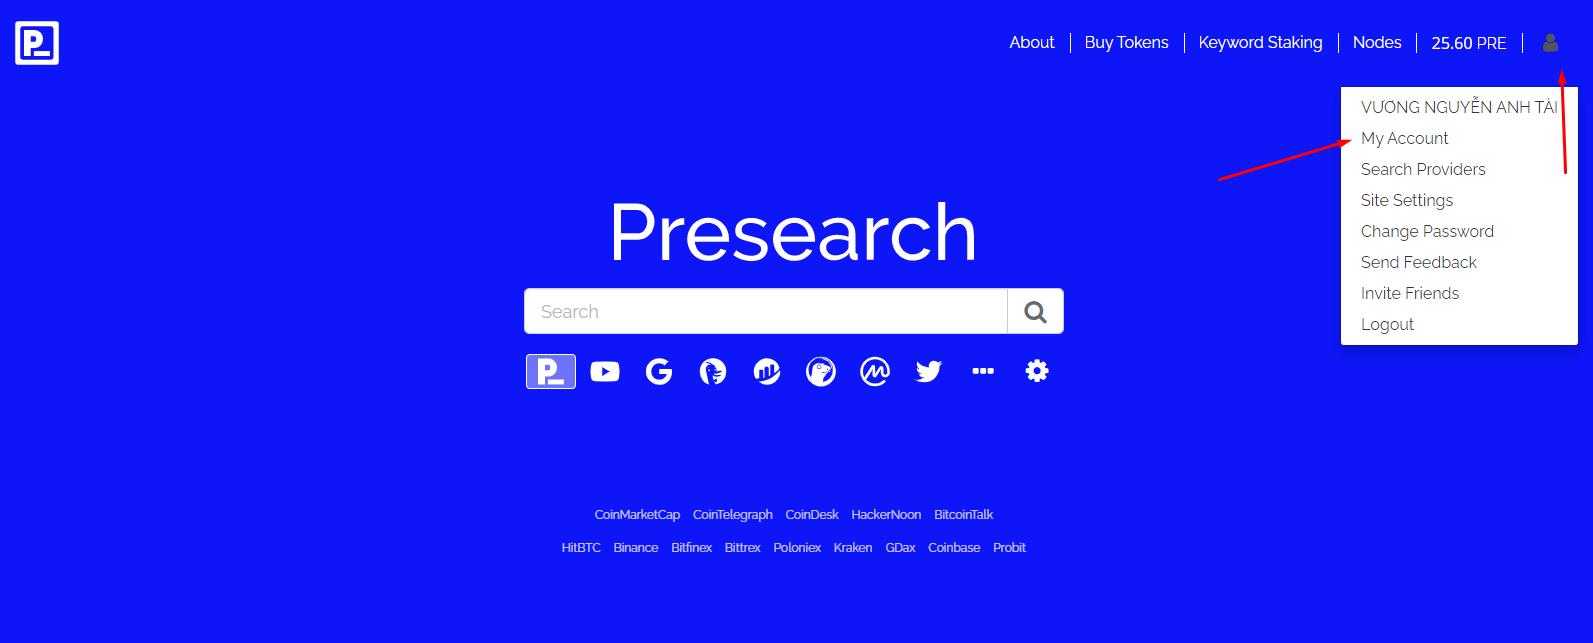 Presearch Là Gì? Cách Kiếm 2282$ Mỗi Tháng Miễn Phí Với Presearch